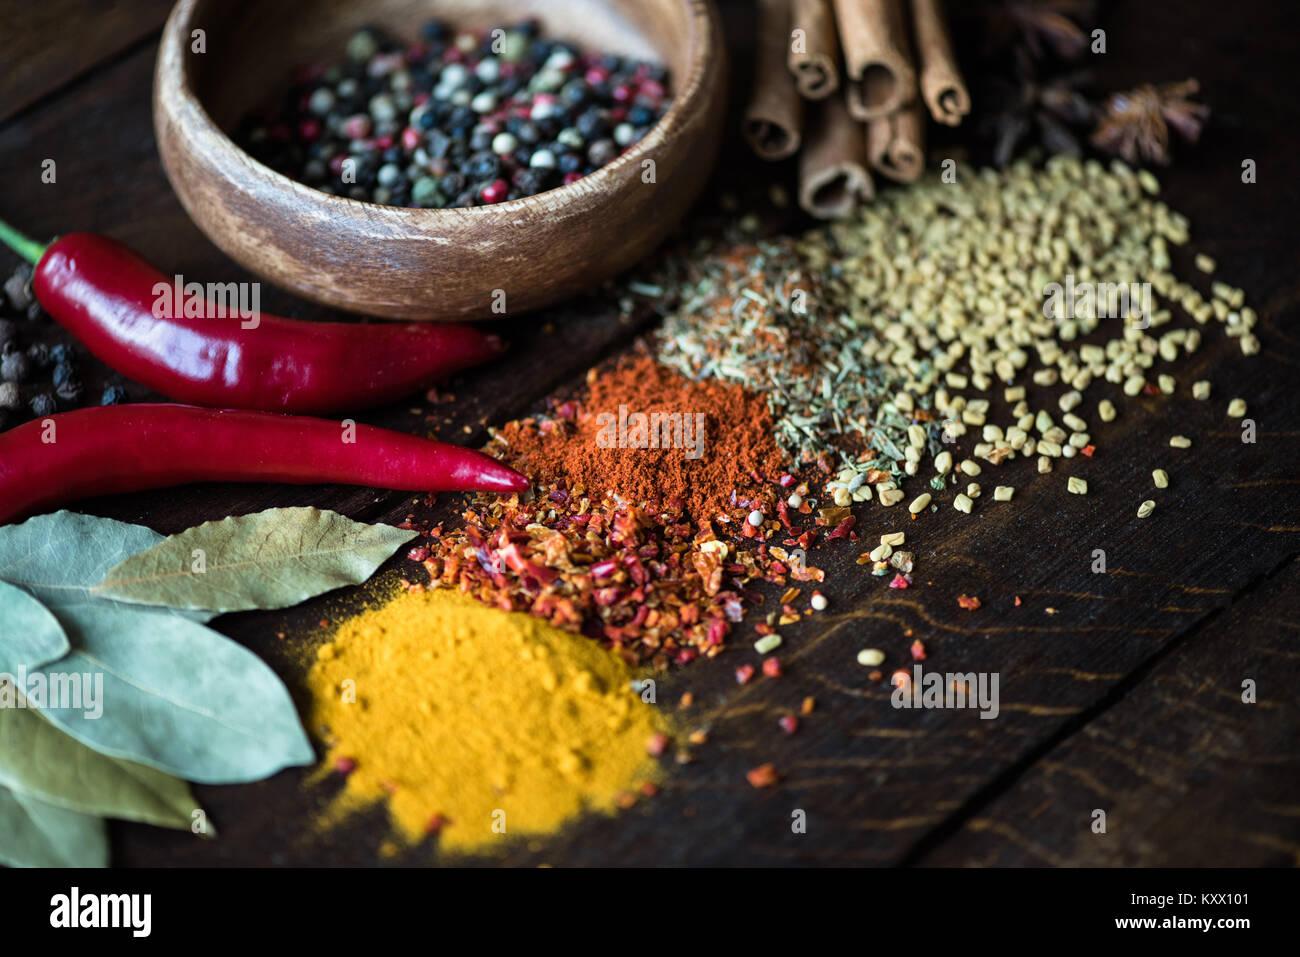 Close up de poivre dans un bol avec quelques épices, feuilles de laurier, piments sur table en bois Photo Stock